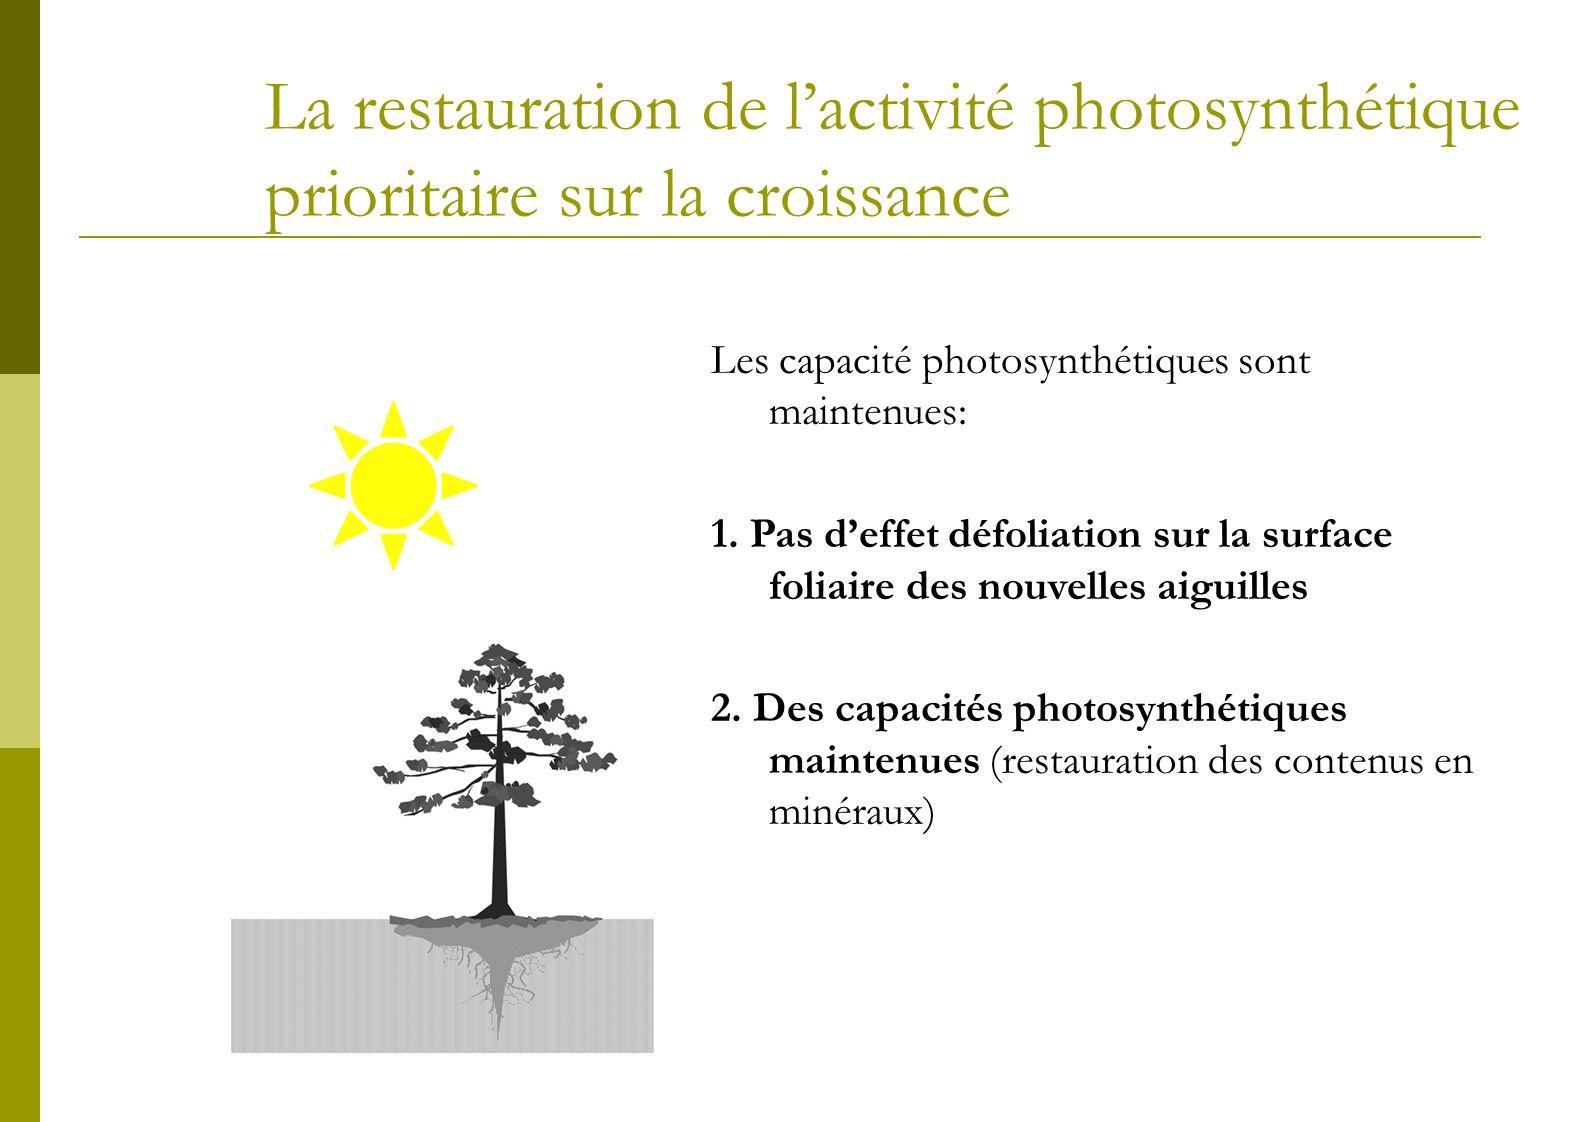 La restauration de l'activité photosynthétique prioritaire sur la croissance